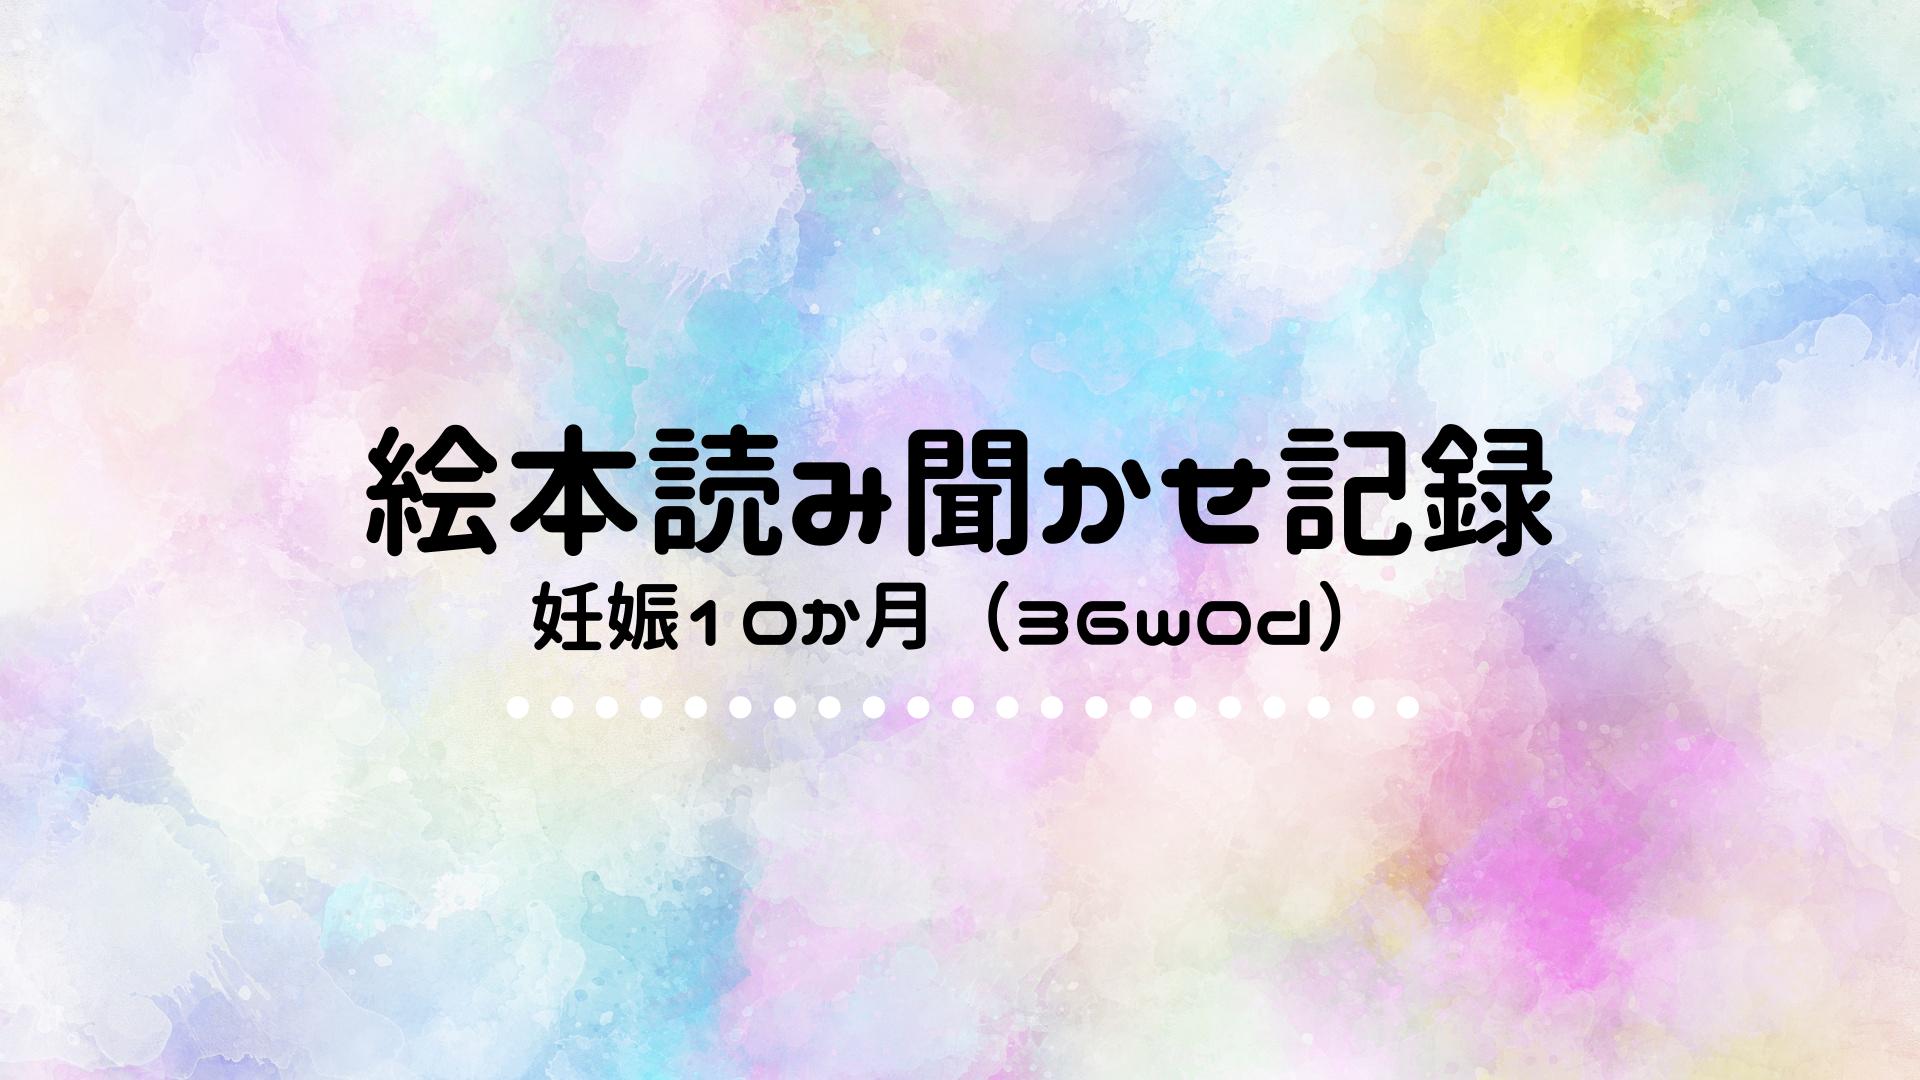 【絵本読み聞かせ記録】妊娠10か月(36w0d)